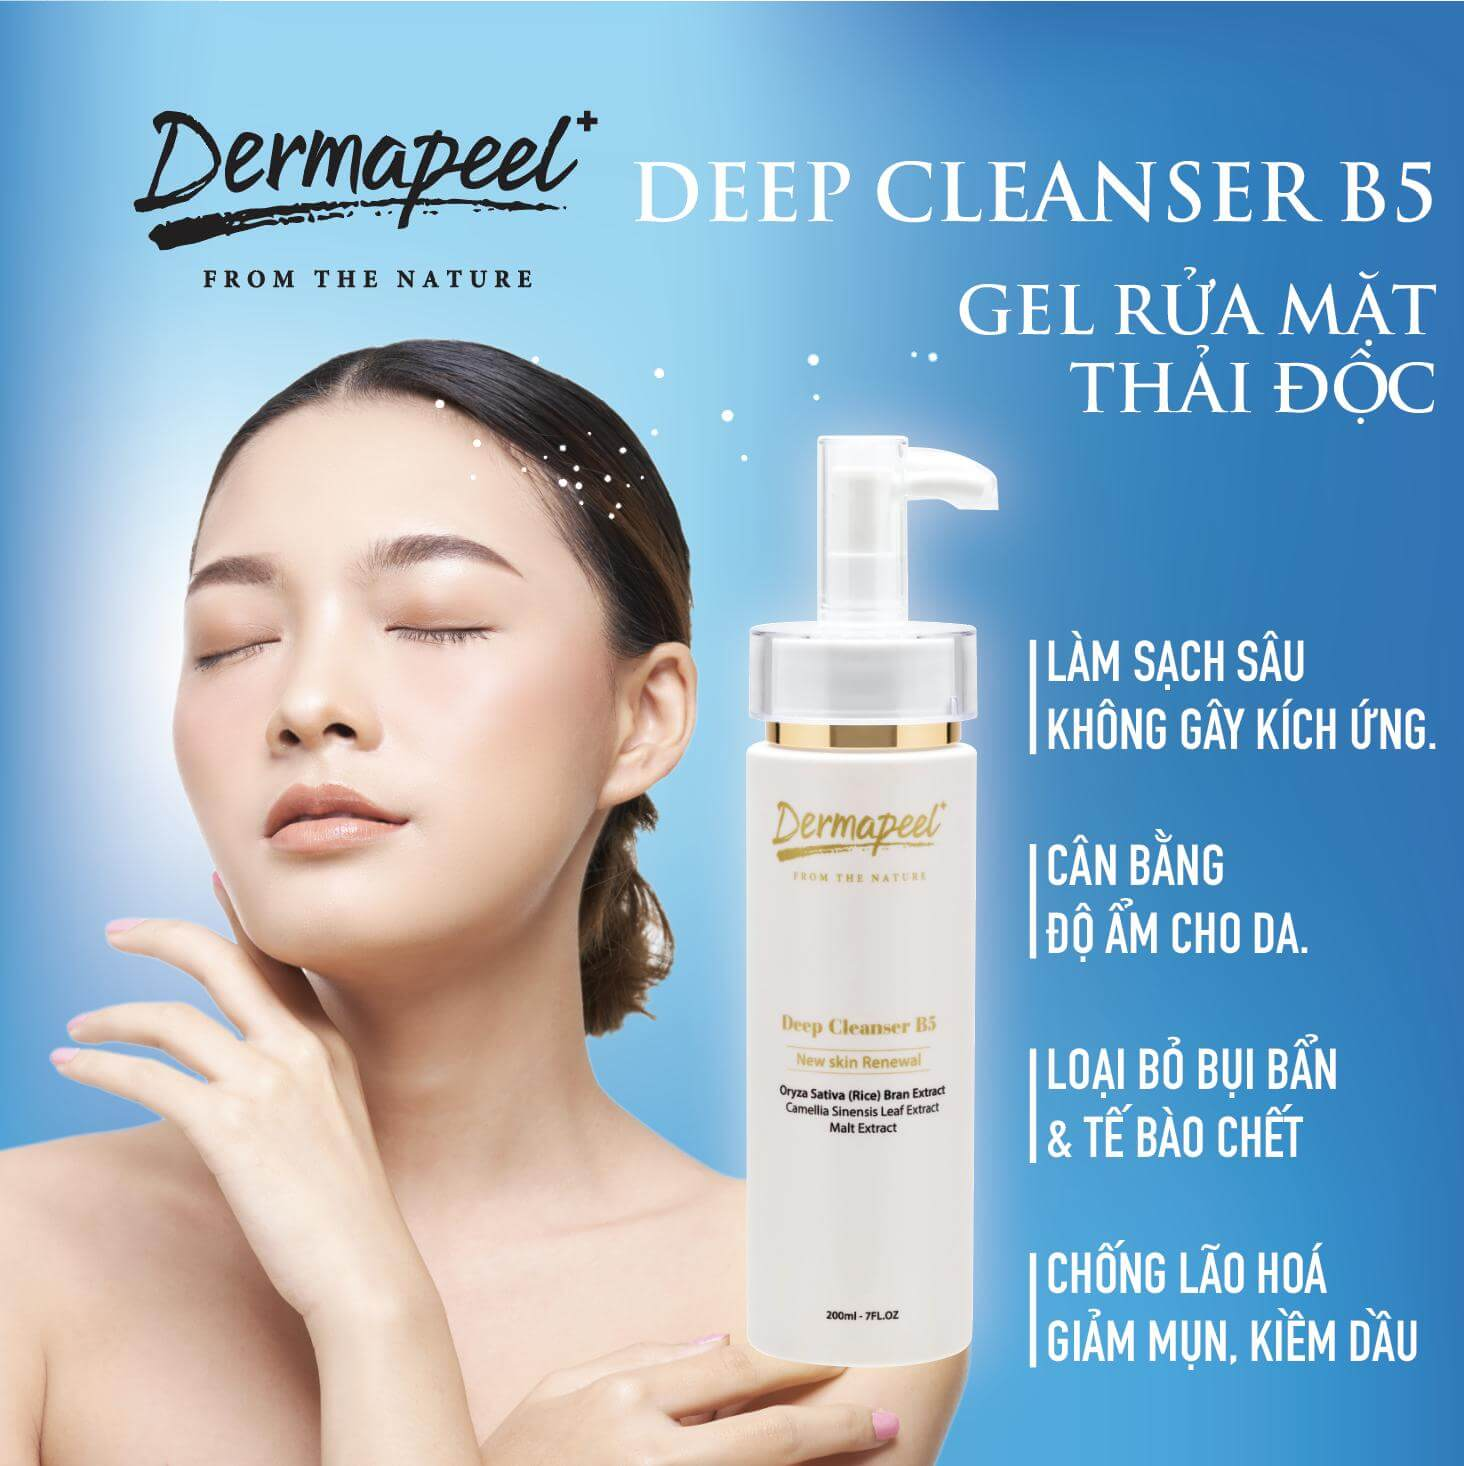 Gel rửa mặt thải độc Dermapeel